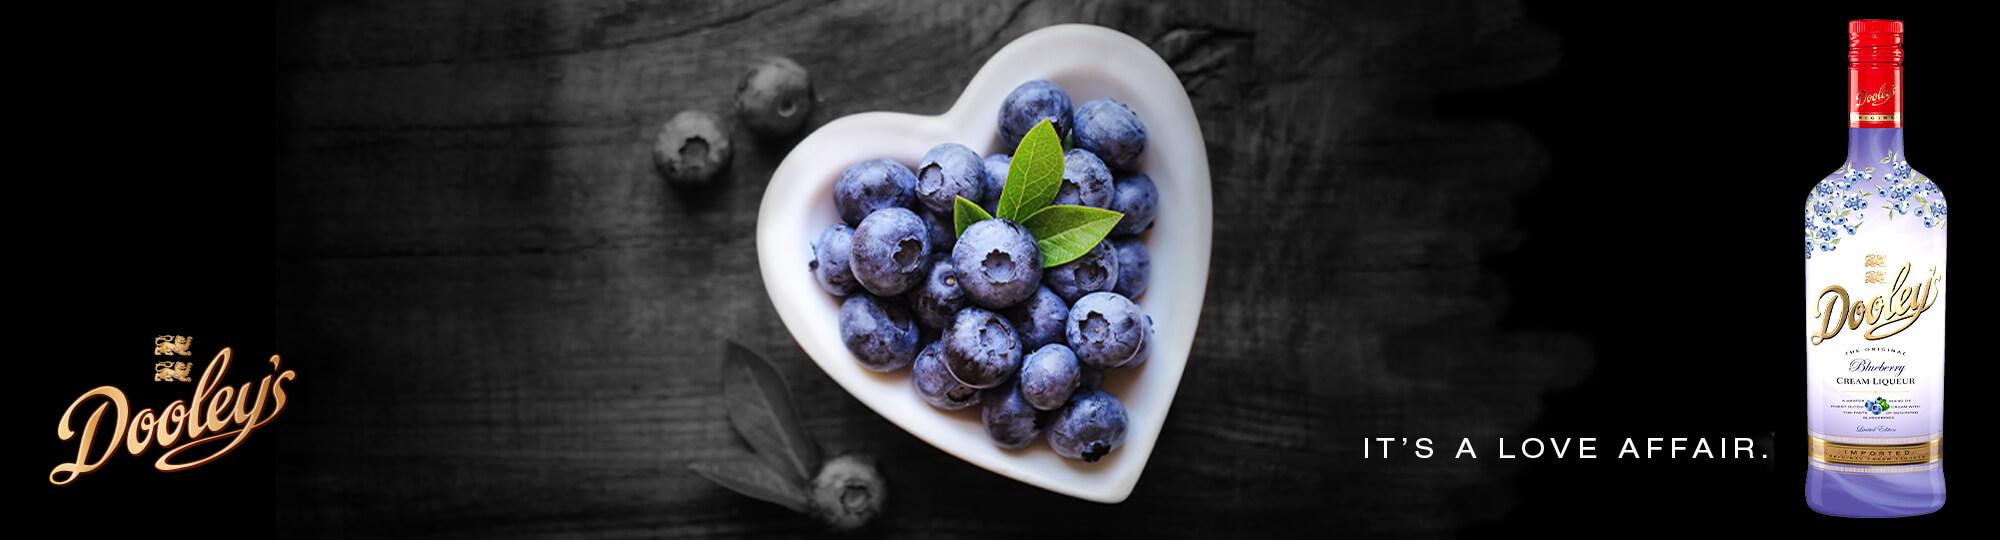 Dooleys Blueberry